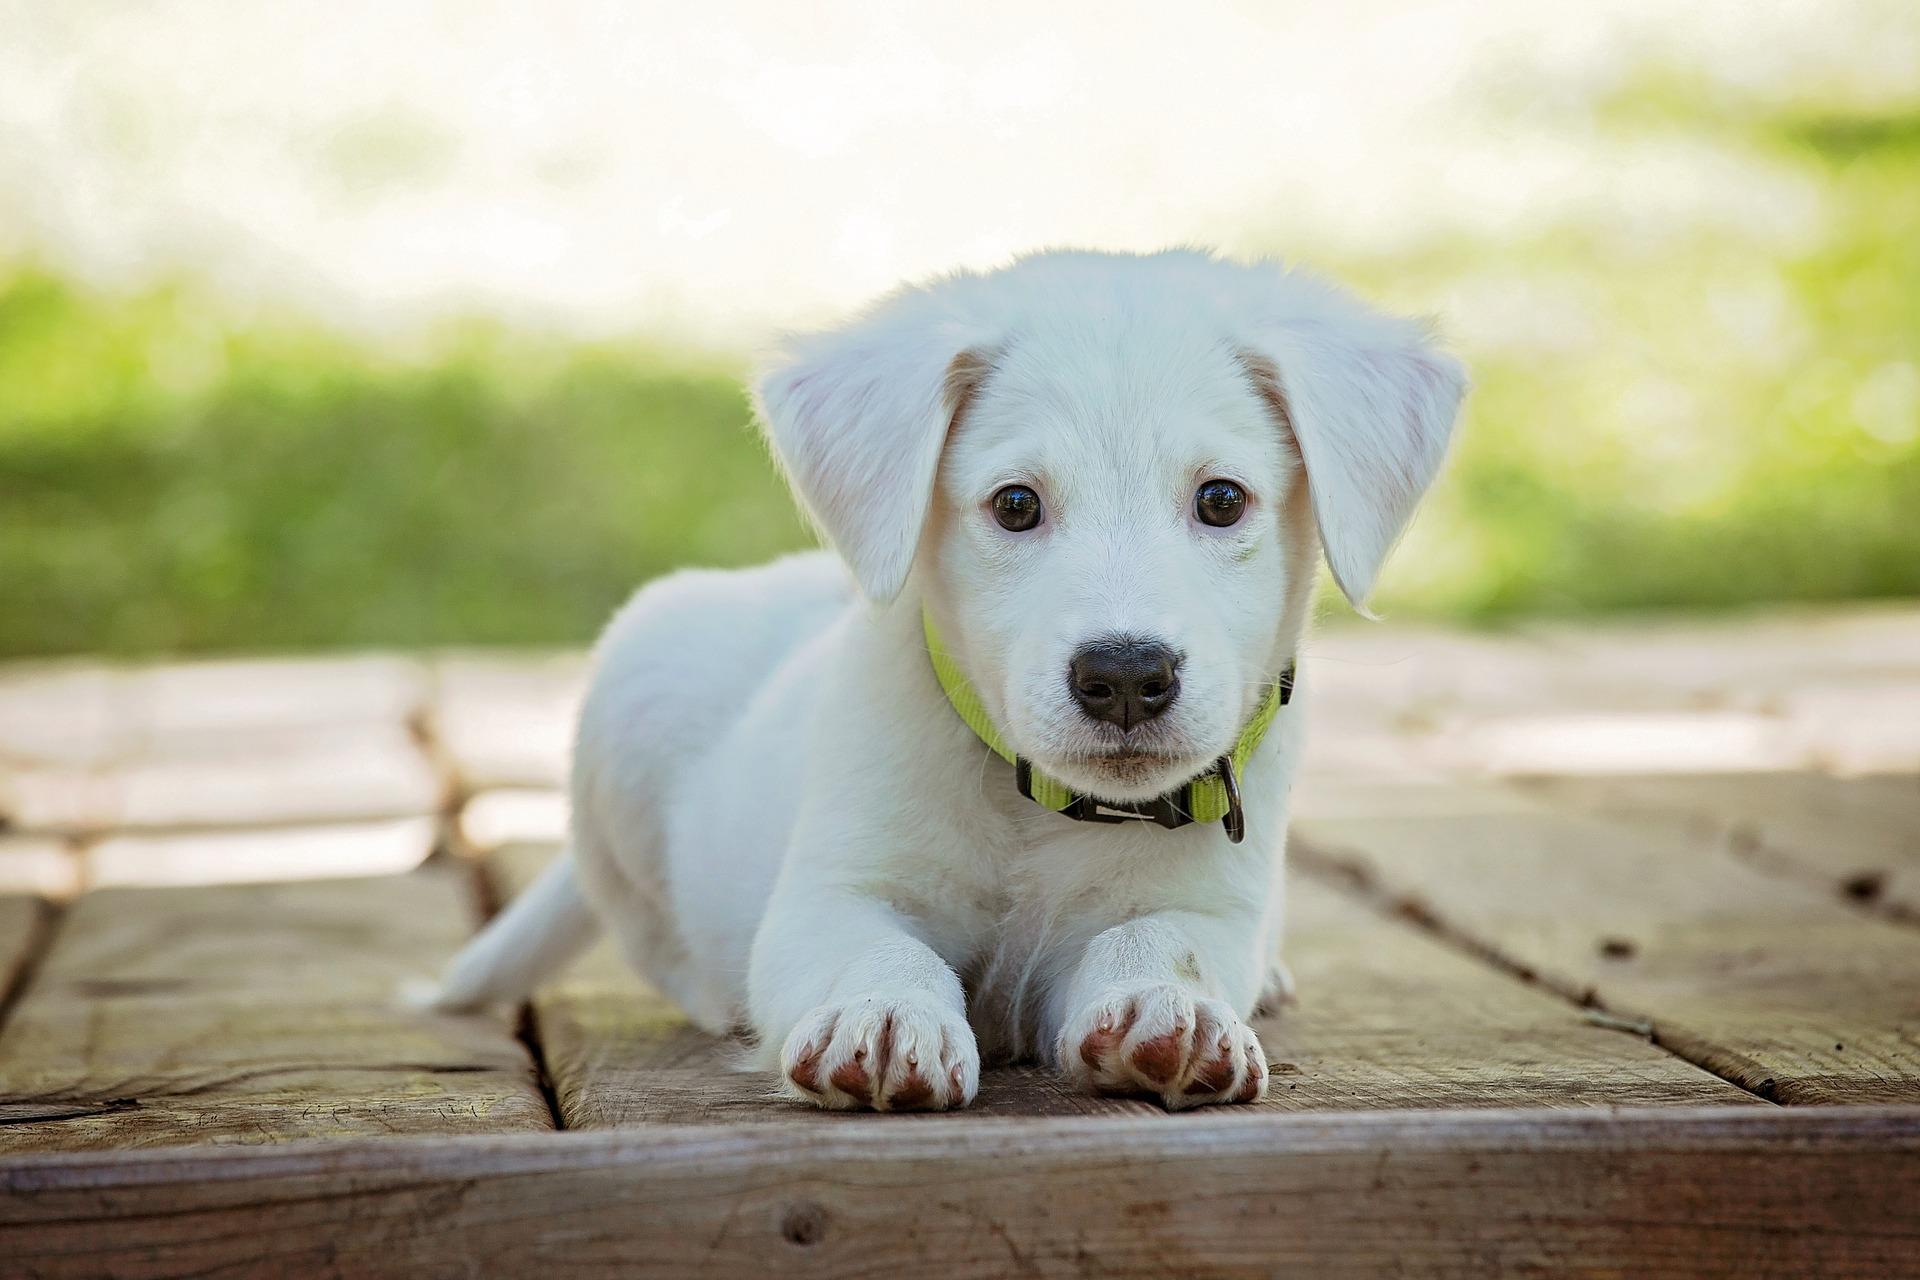 animal de estimacao - Dentro ou fora de casa: Qual é o lugar ideal para seu animal de estimação